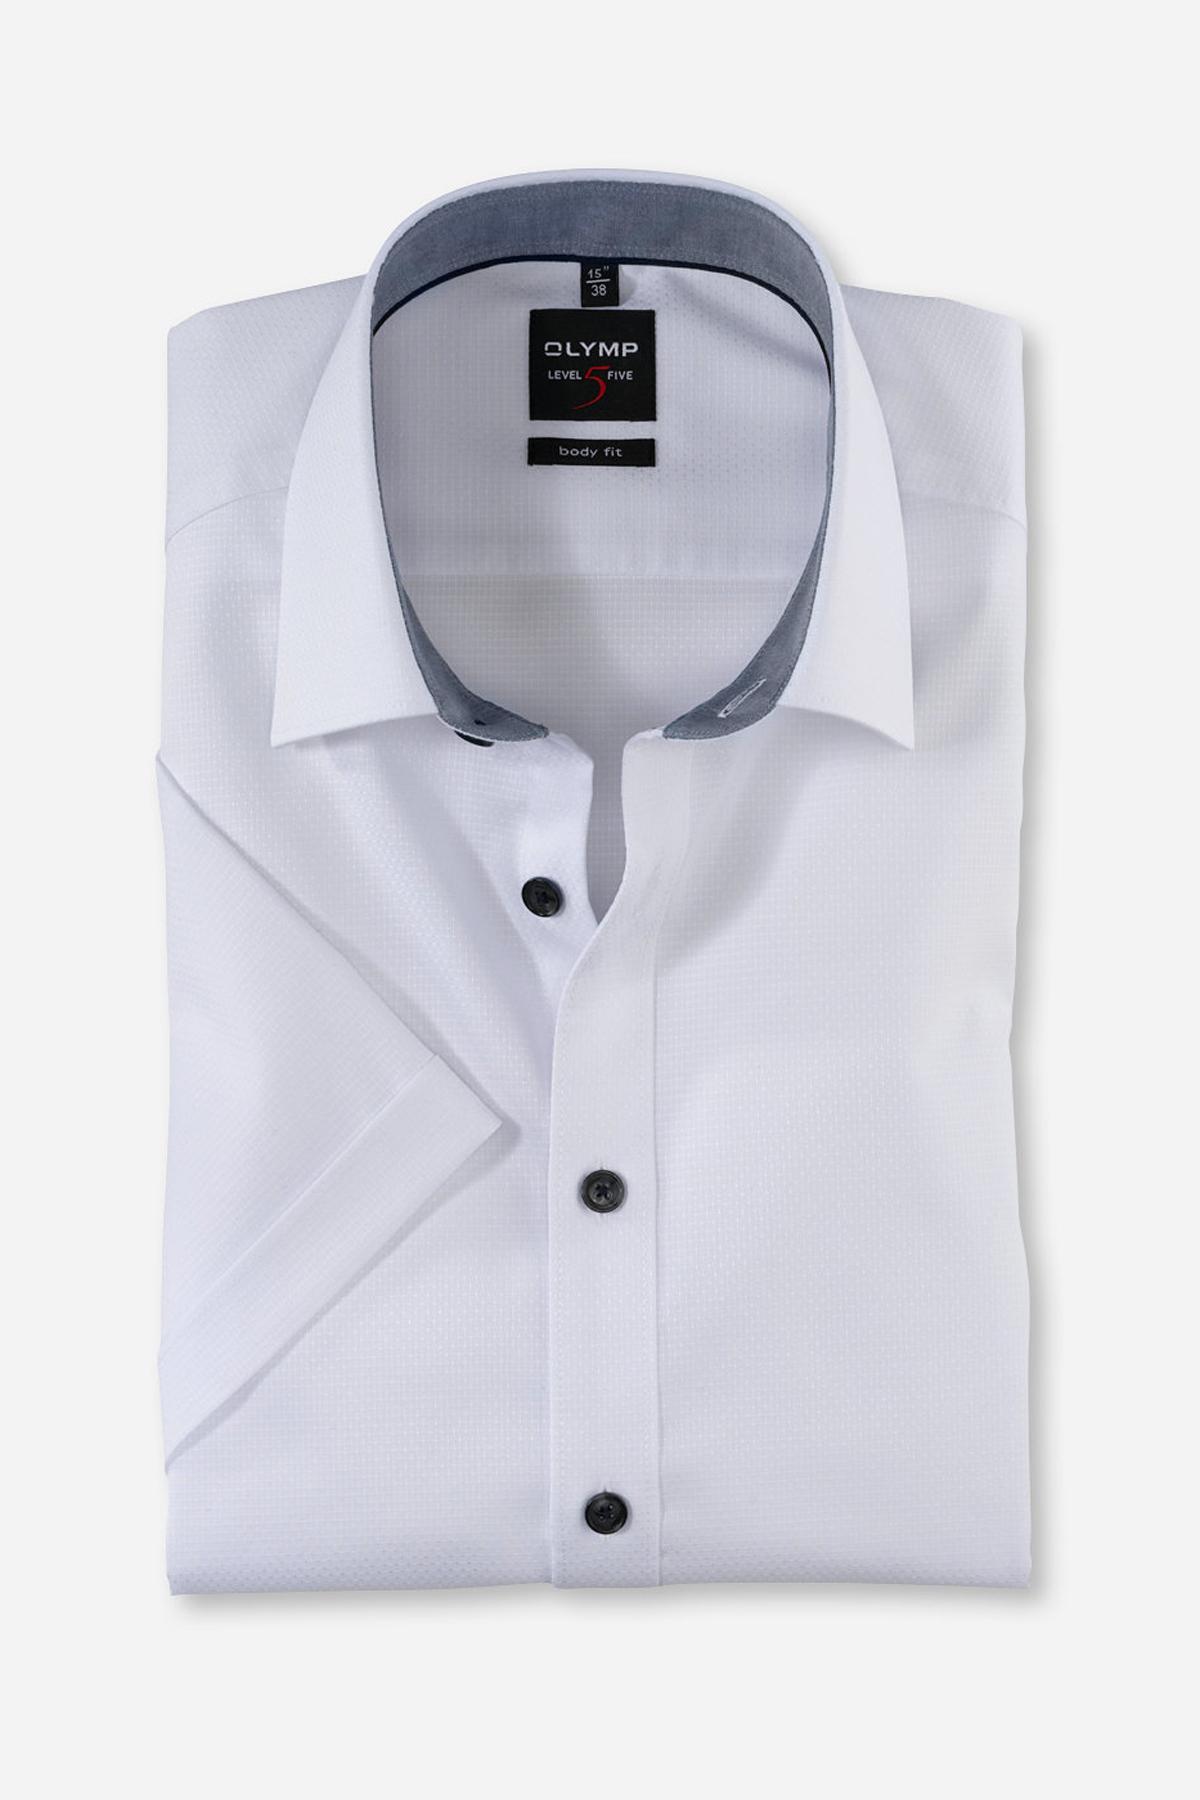 OLYMP LEVEL FIVE BODY FIT сорочка с коротким рукавом